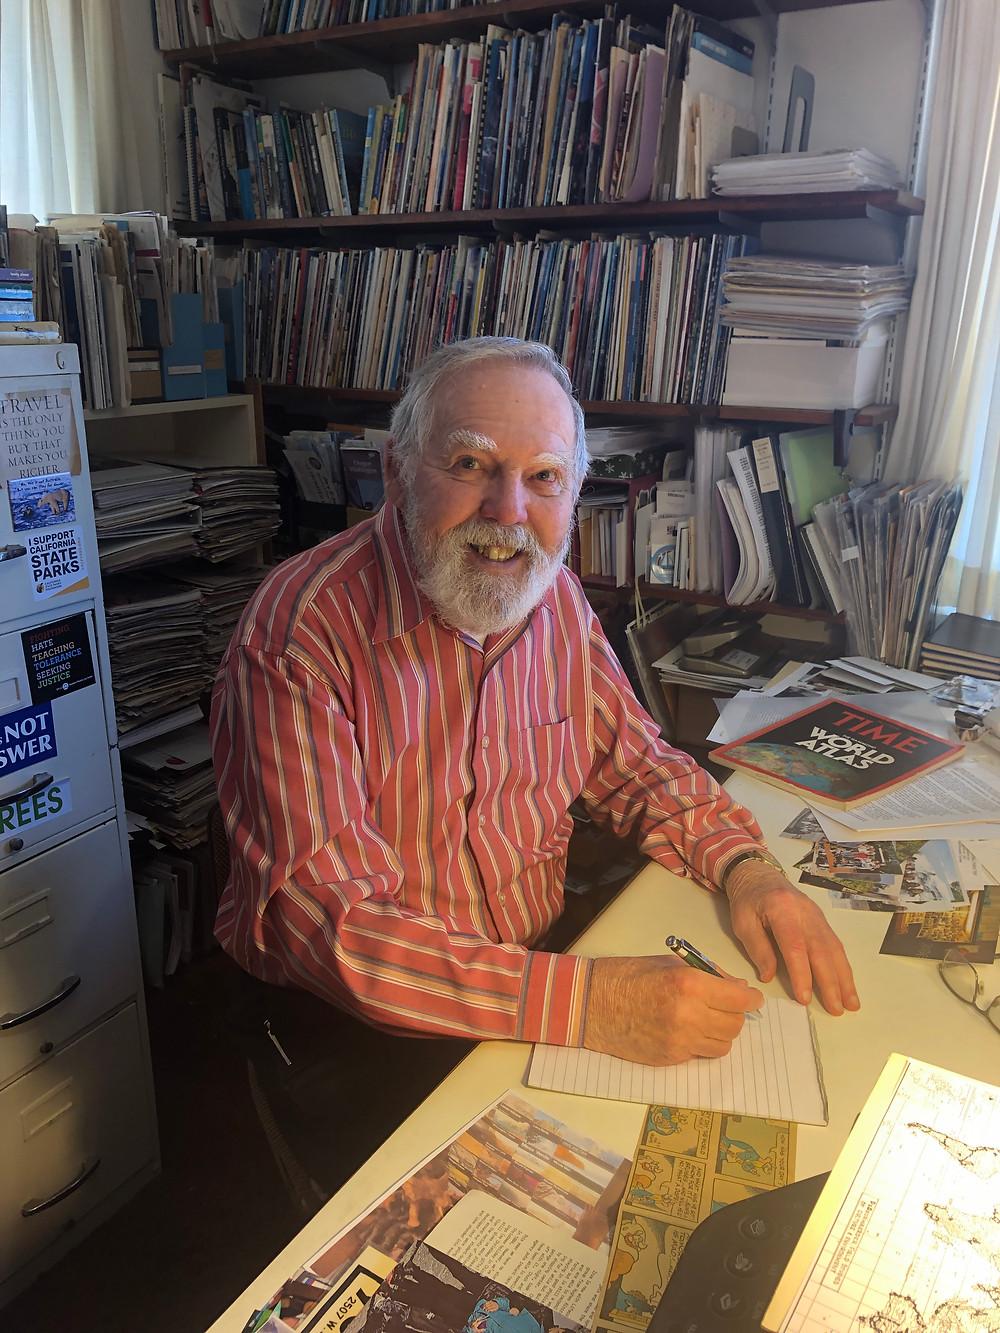 Chuck deDeurwaerder sits in his home office